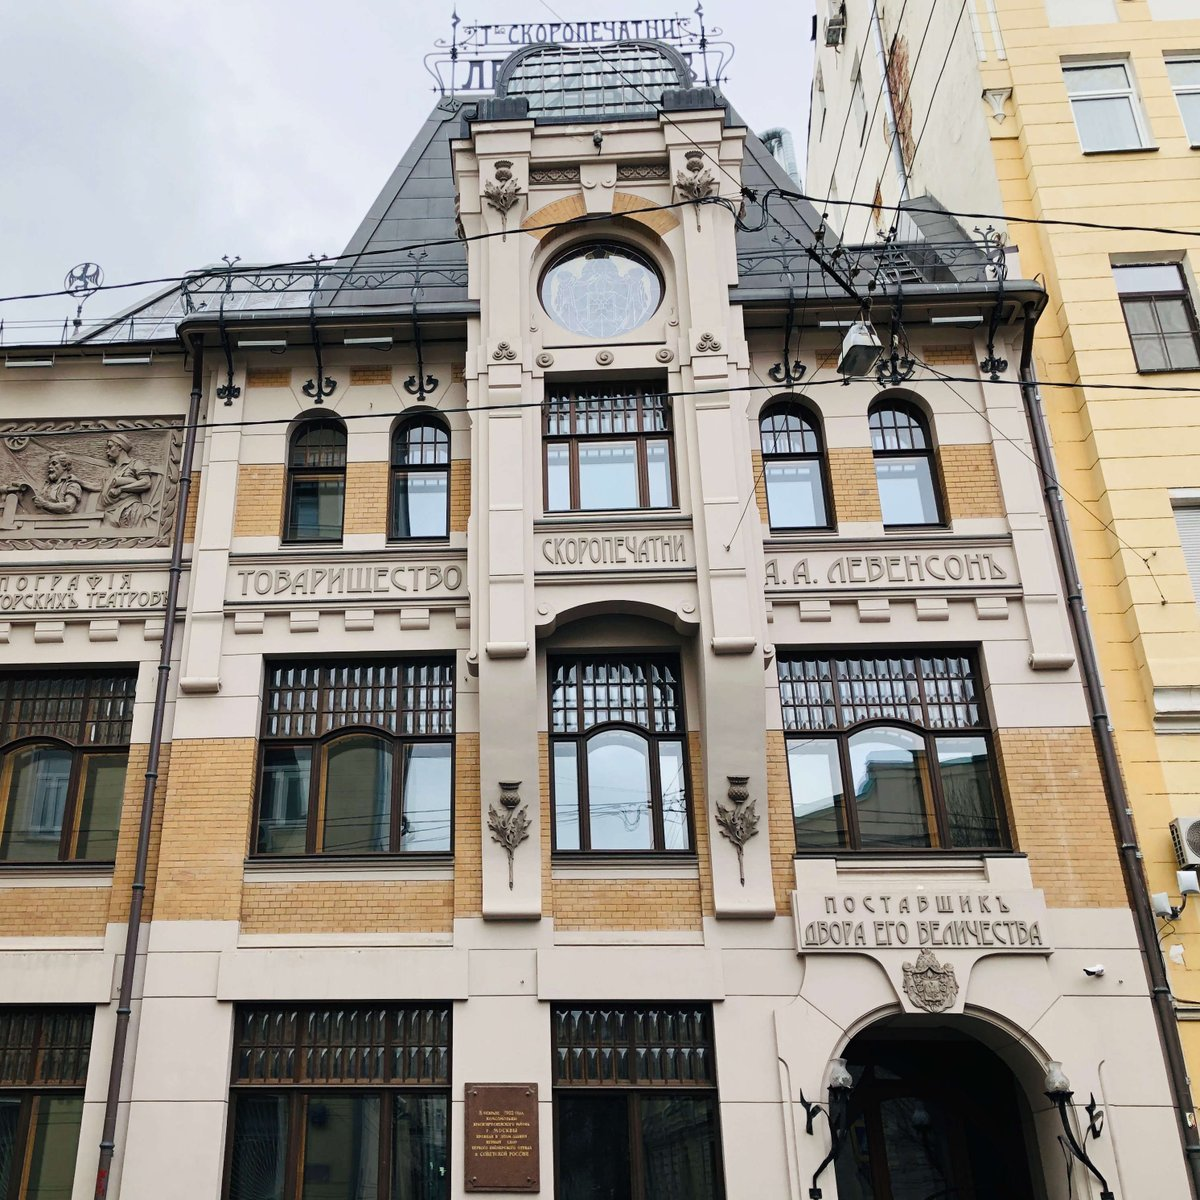 шехтель архитектор работы в москве фото нем его жителях